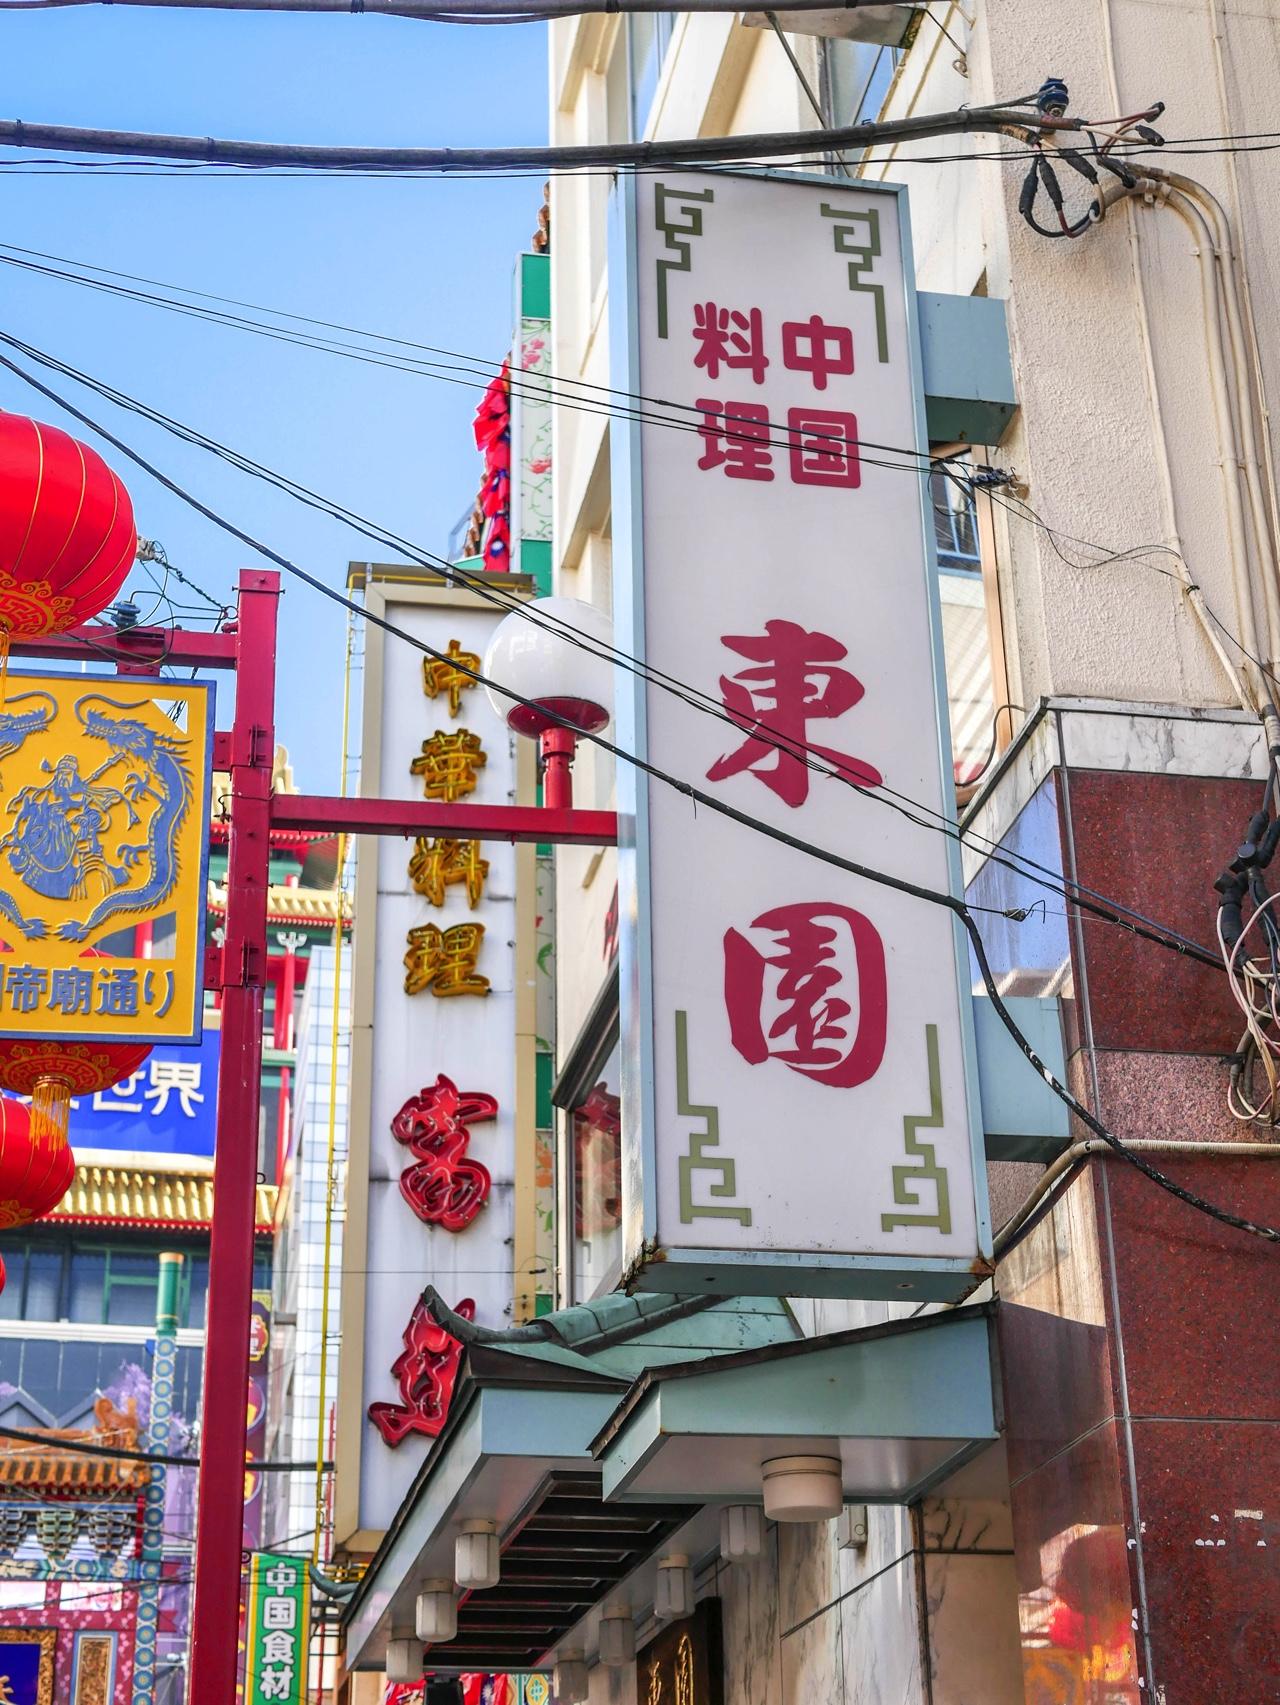 中国料理と中華料理の看板